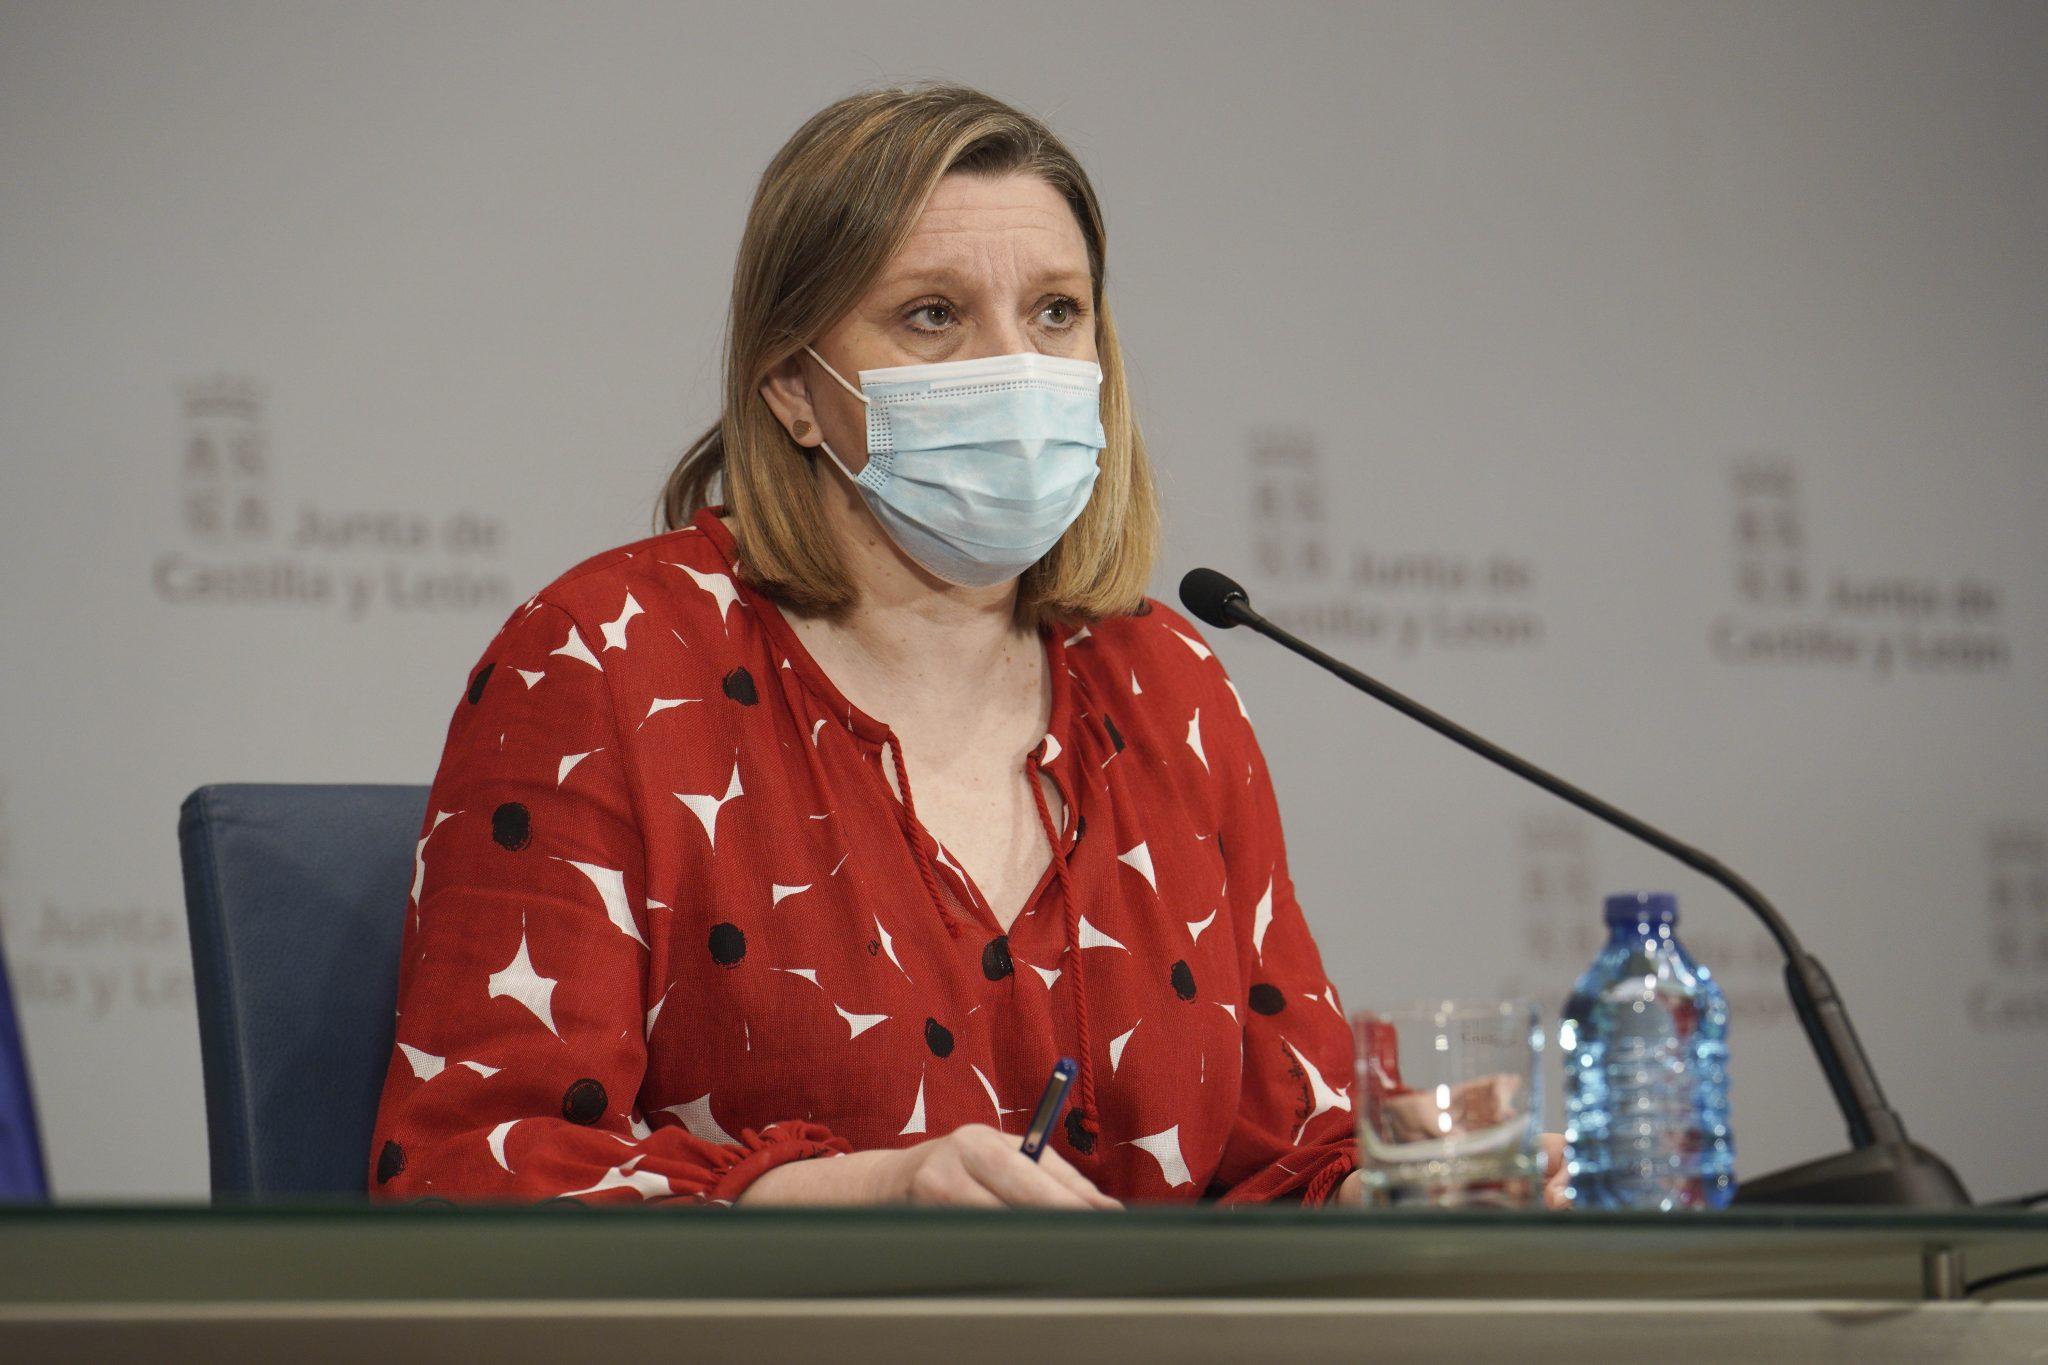 La junta adopta 73 medidas por valor de 40 millones de euros para promover la inclusión social y laboral de la población gitana en situación vulnerable 1